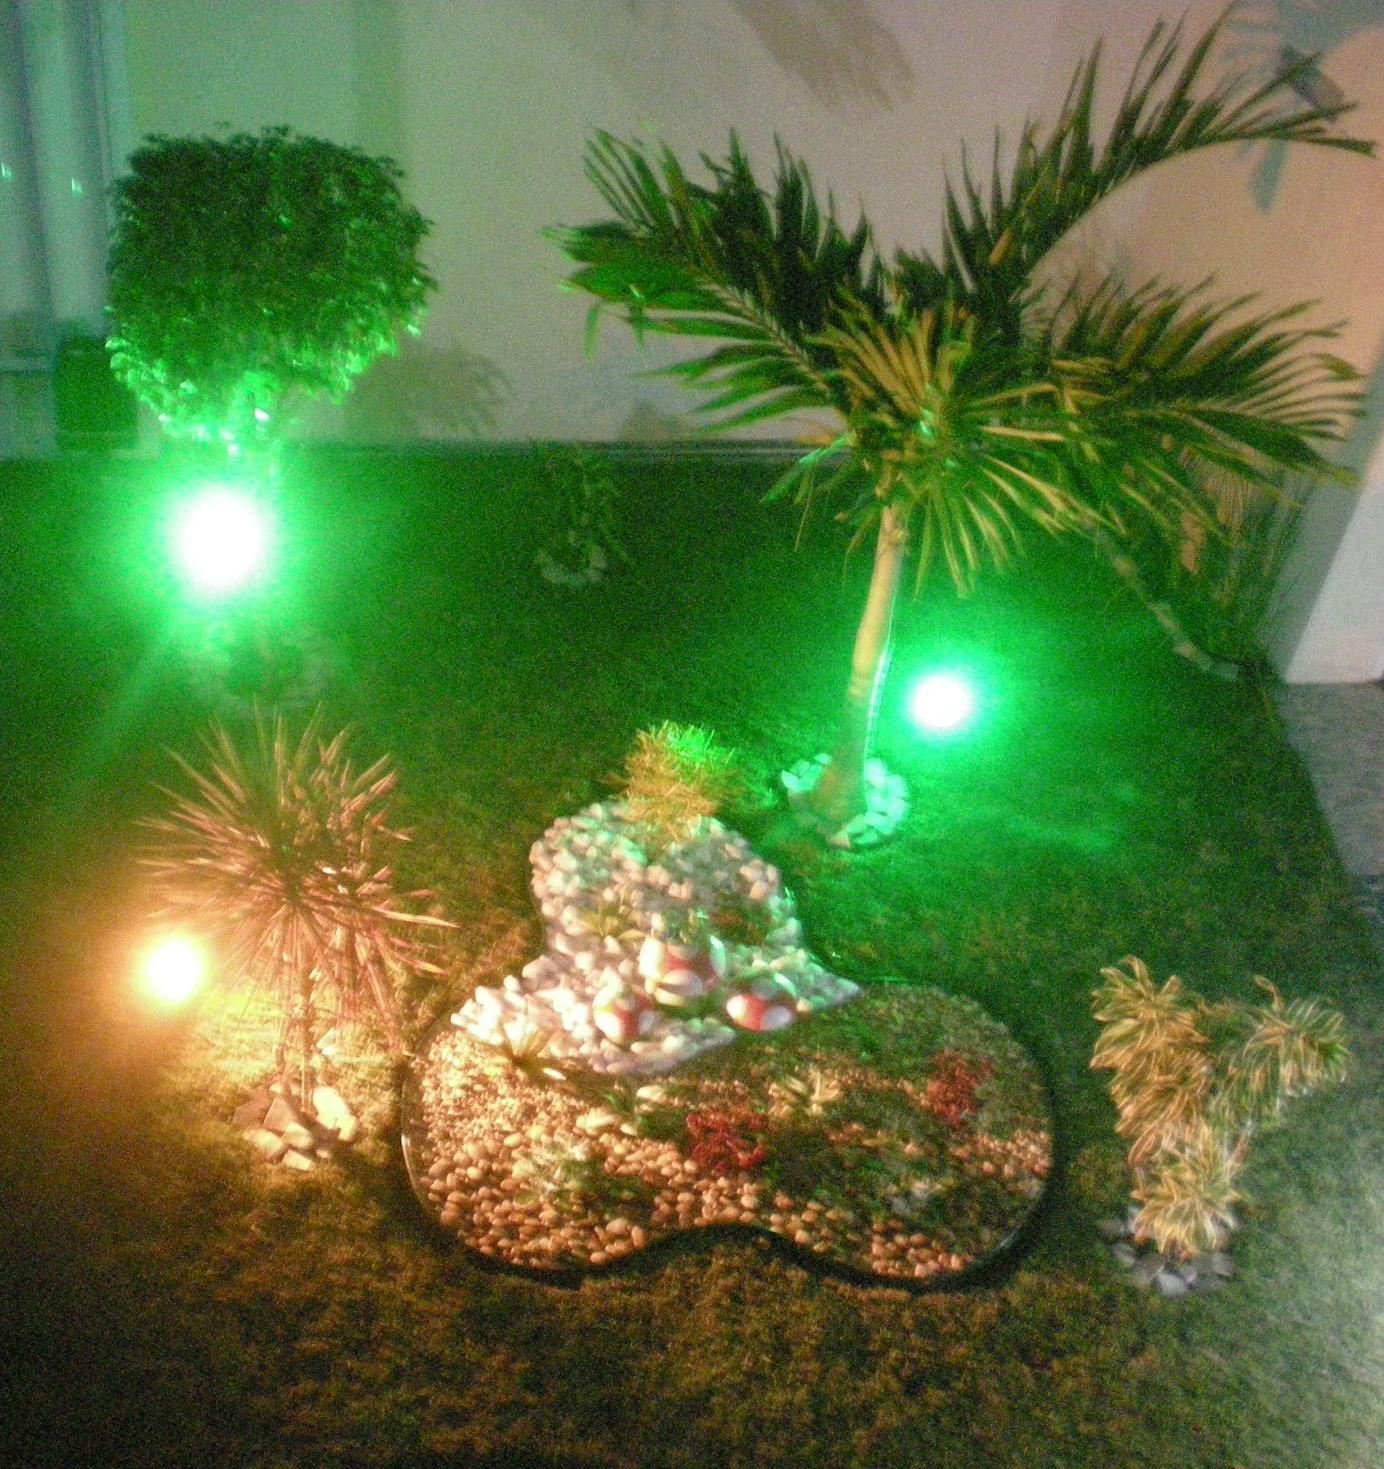 iluminacao jardim verde:Meus sapinhos fofos, presente do meu marido